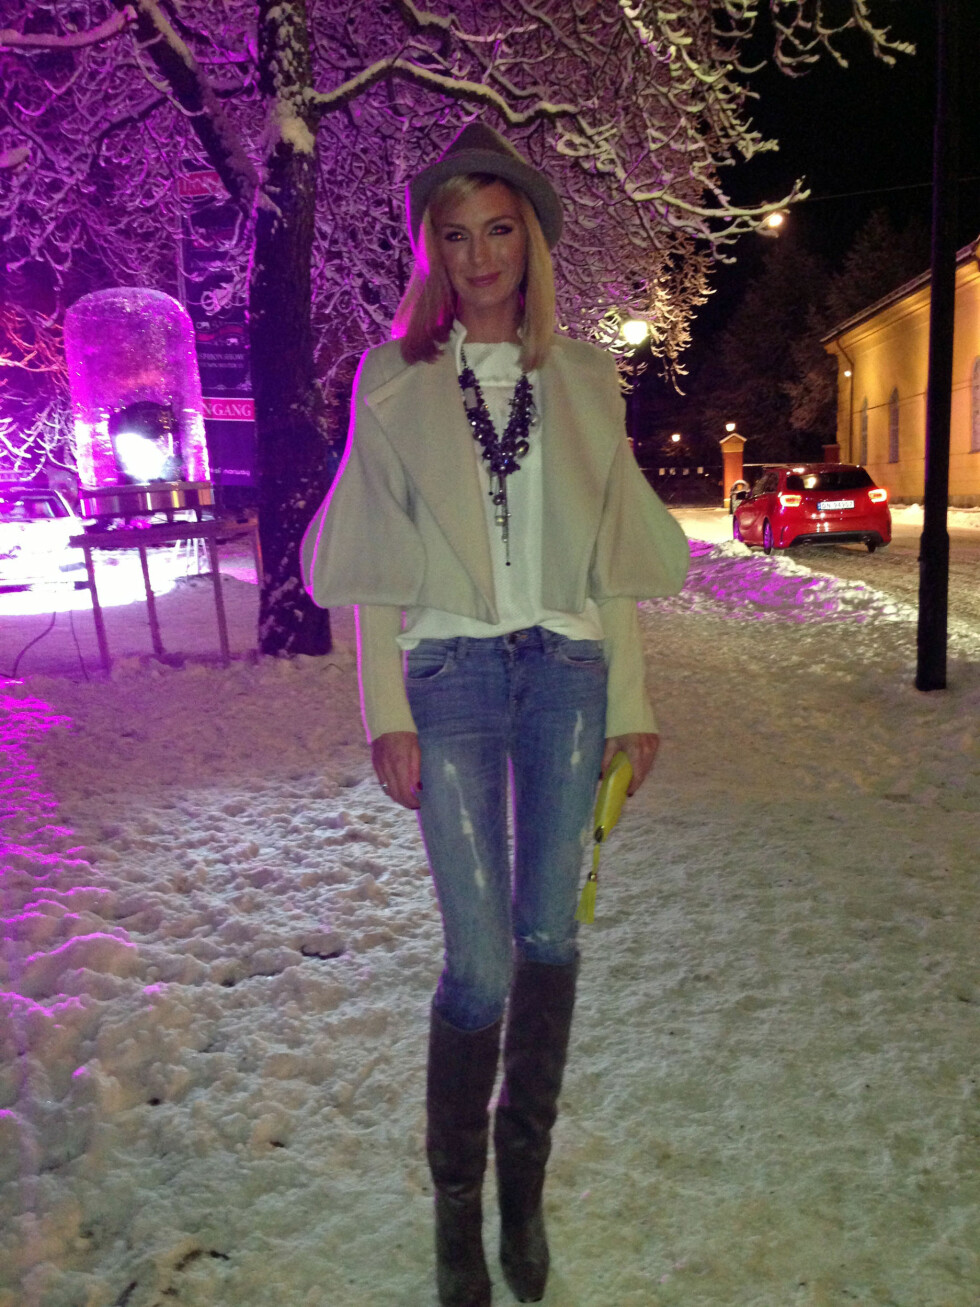 Kathrine Sørland: Støvletter fra Ferragamo, jeans fra Lindex, topp fra Chloe, smykke fra So-B og jakke fra Stella McCartney. Foto: Silje Ulveseth